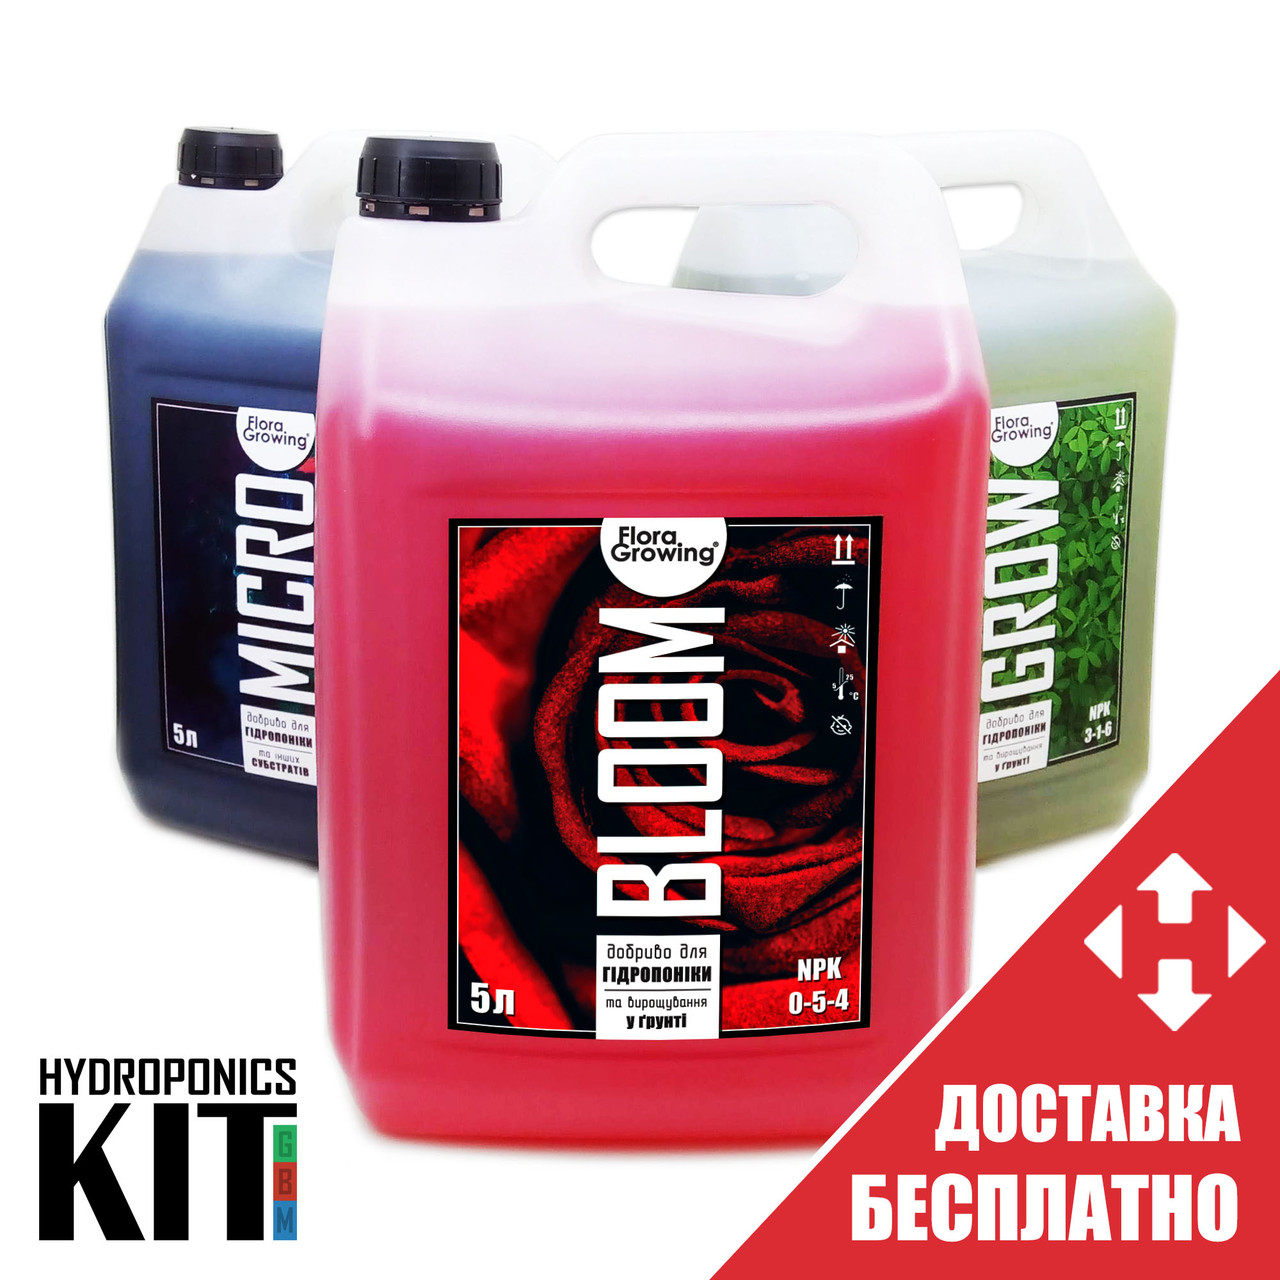 3 х 5 л Hydroponics Kit набор удобрений для гидропоники и почвы | Аналог GHE Flora Series